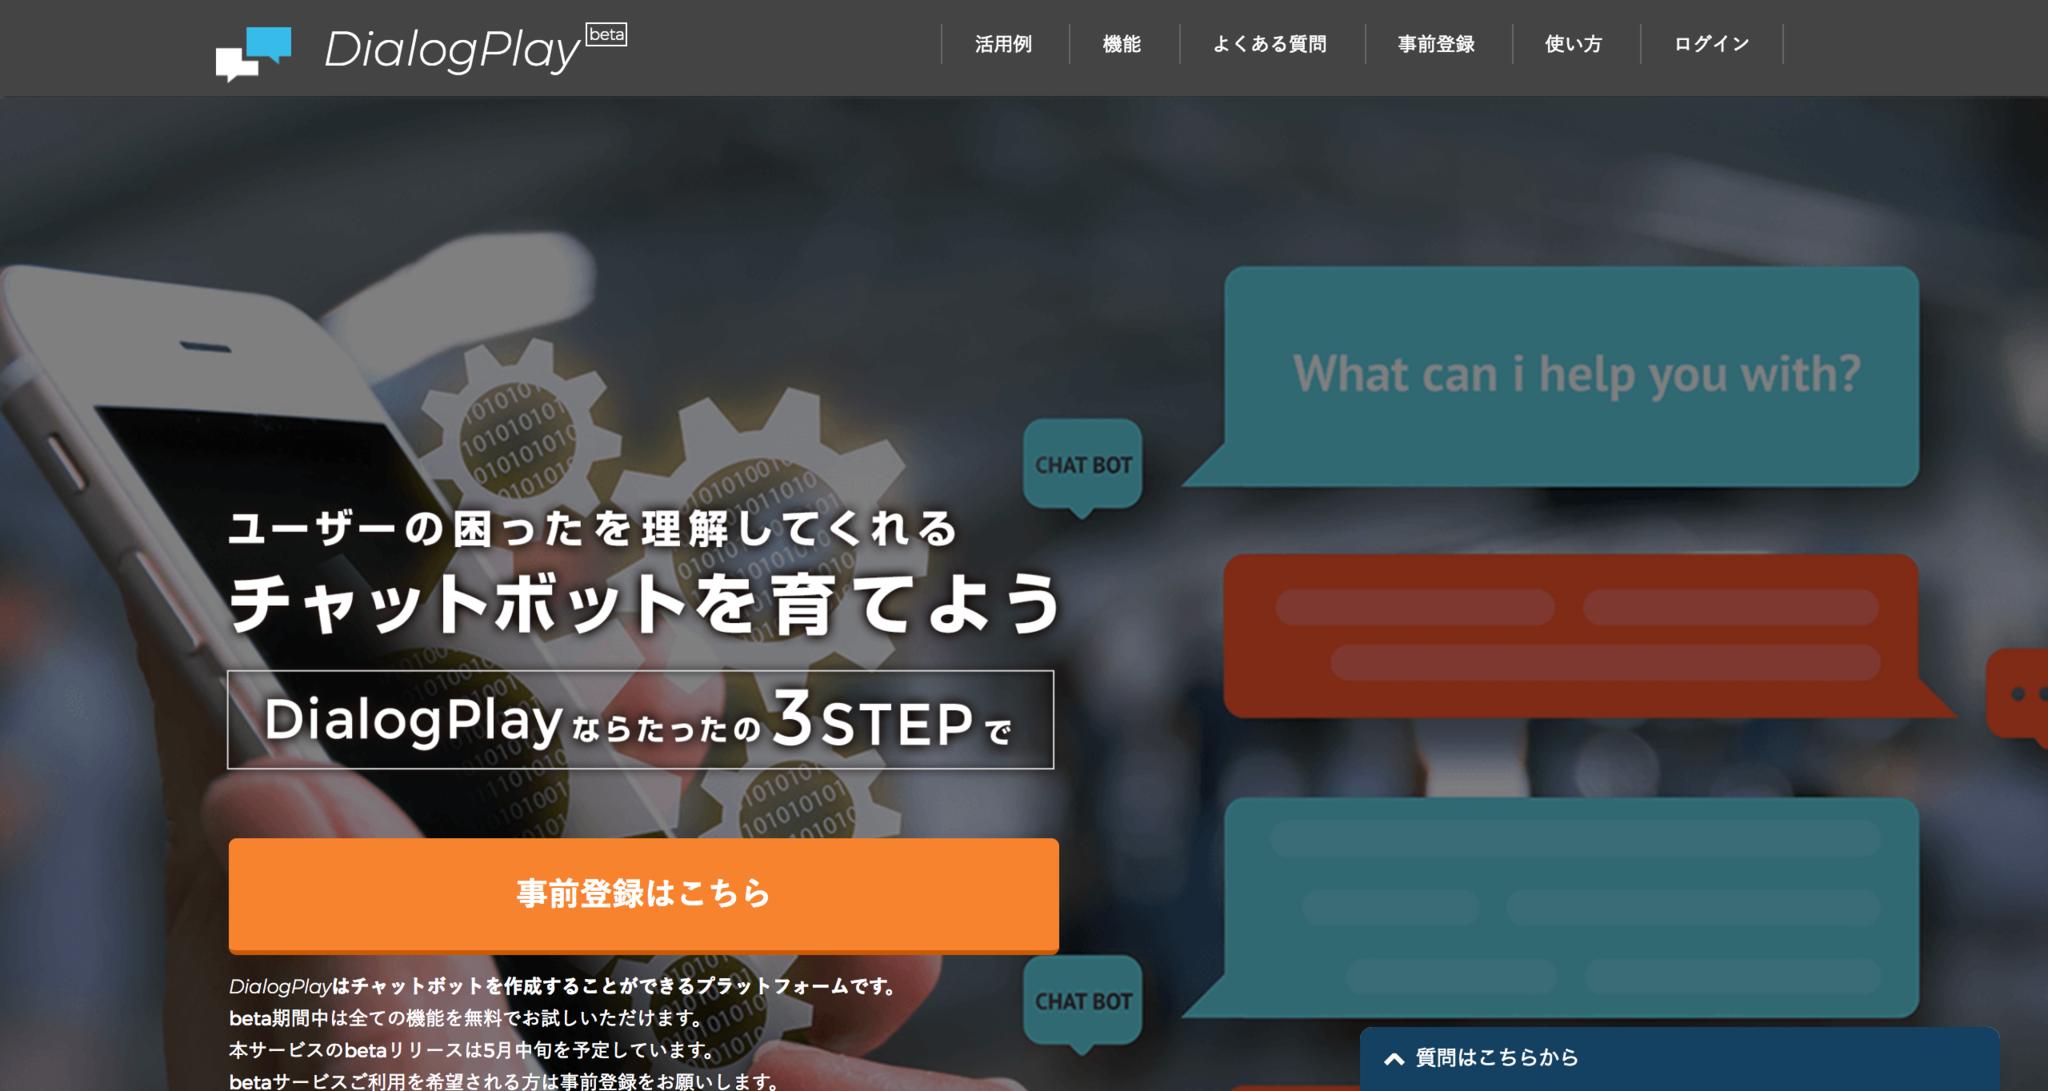 DialogPlay___業務をAIで自動化するチャットボットサービス___TIS株式会社.png